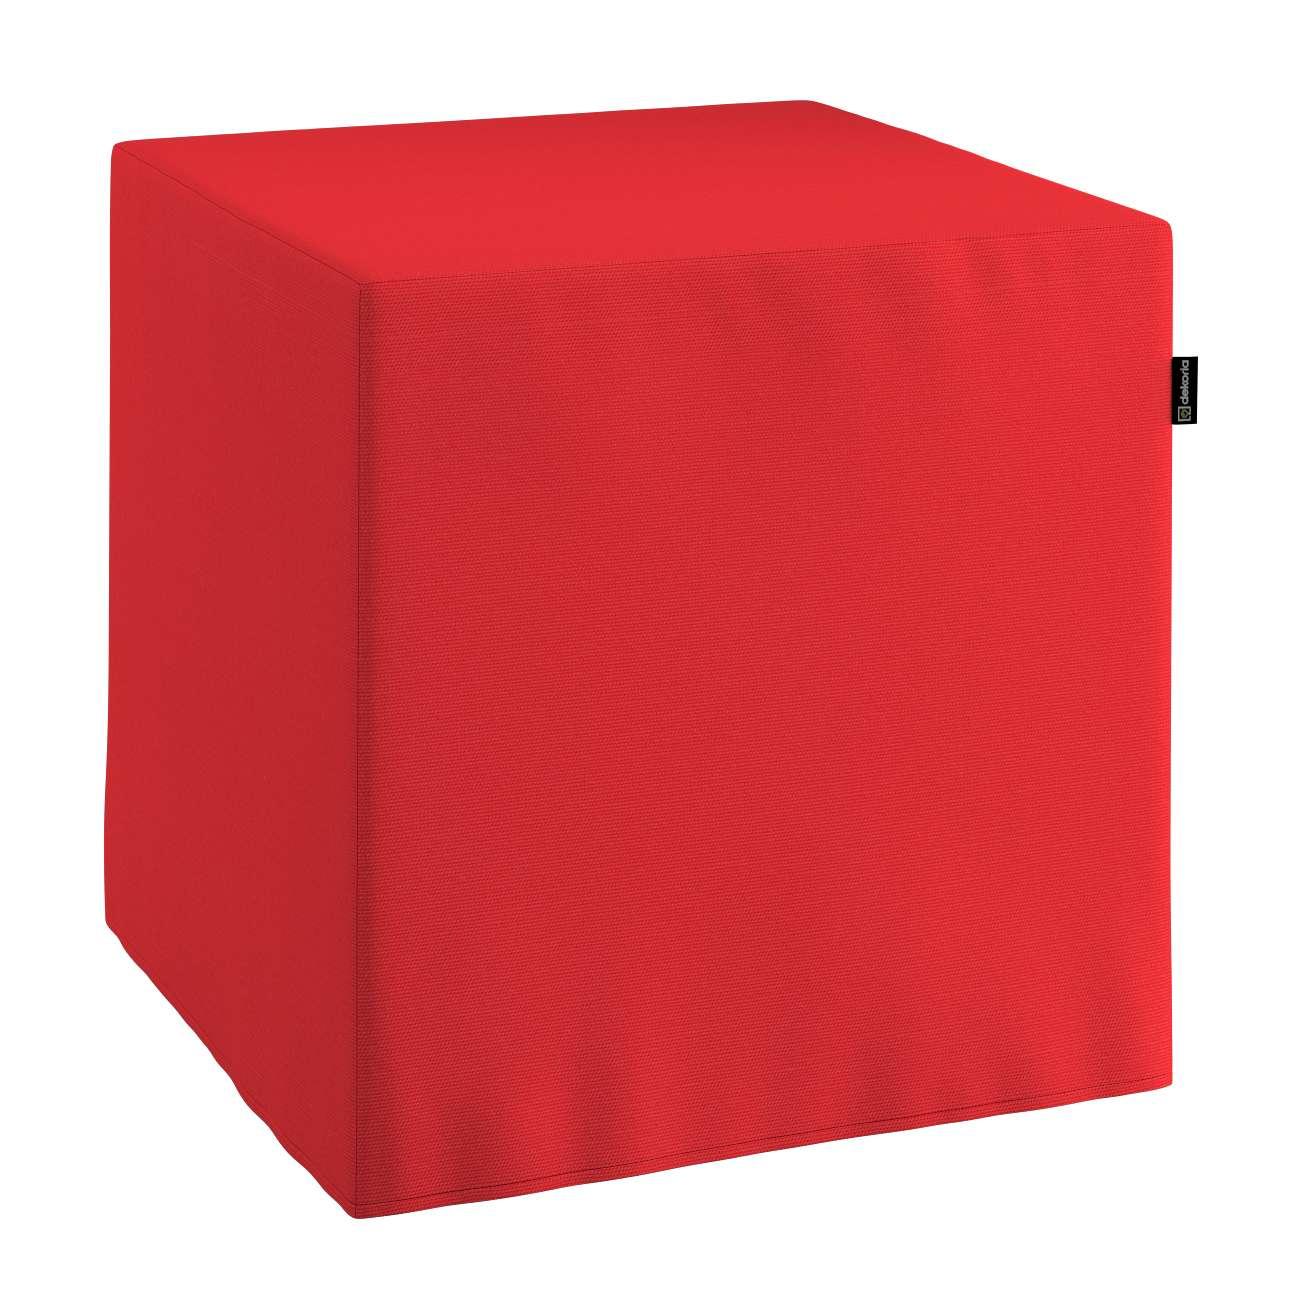 Bezug für Sitzwürfel von der Kollektion Loneta, Stoff: 133-43